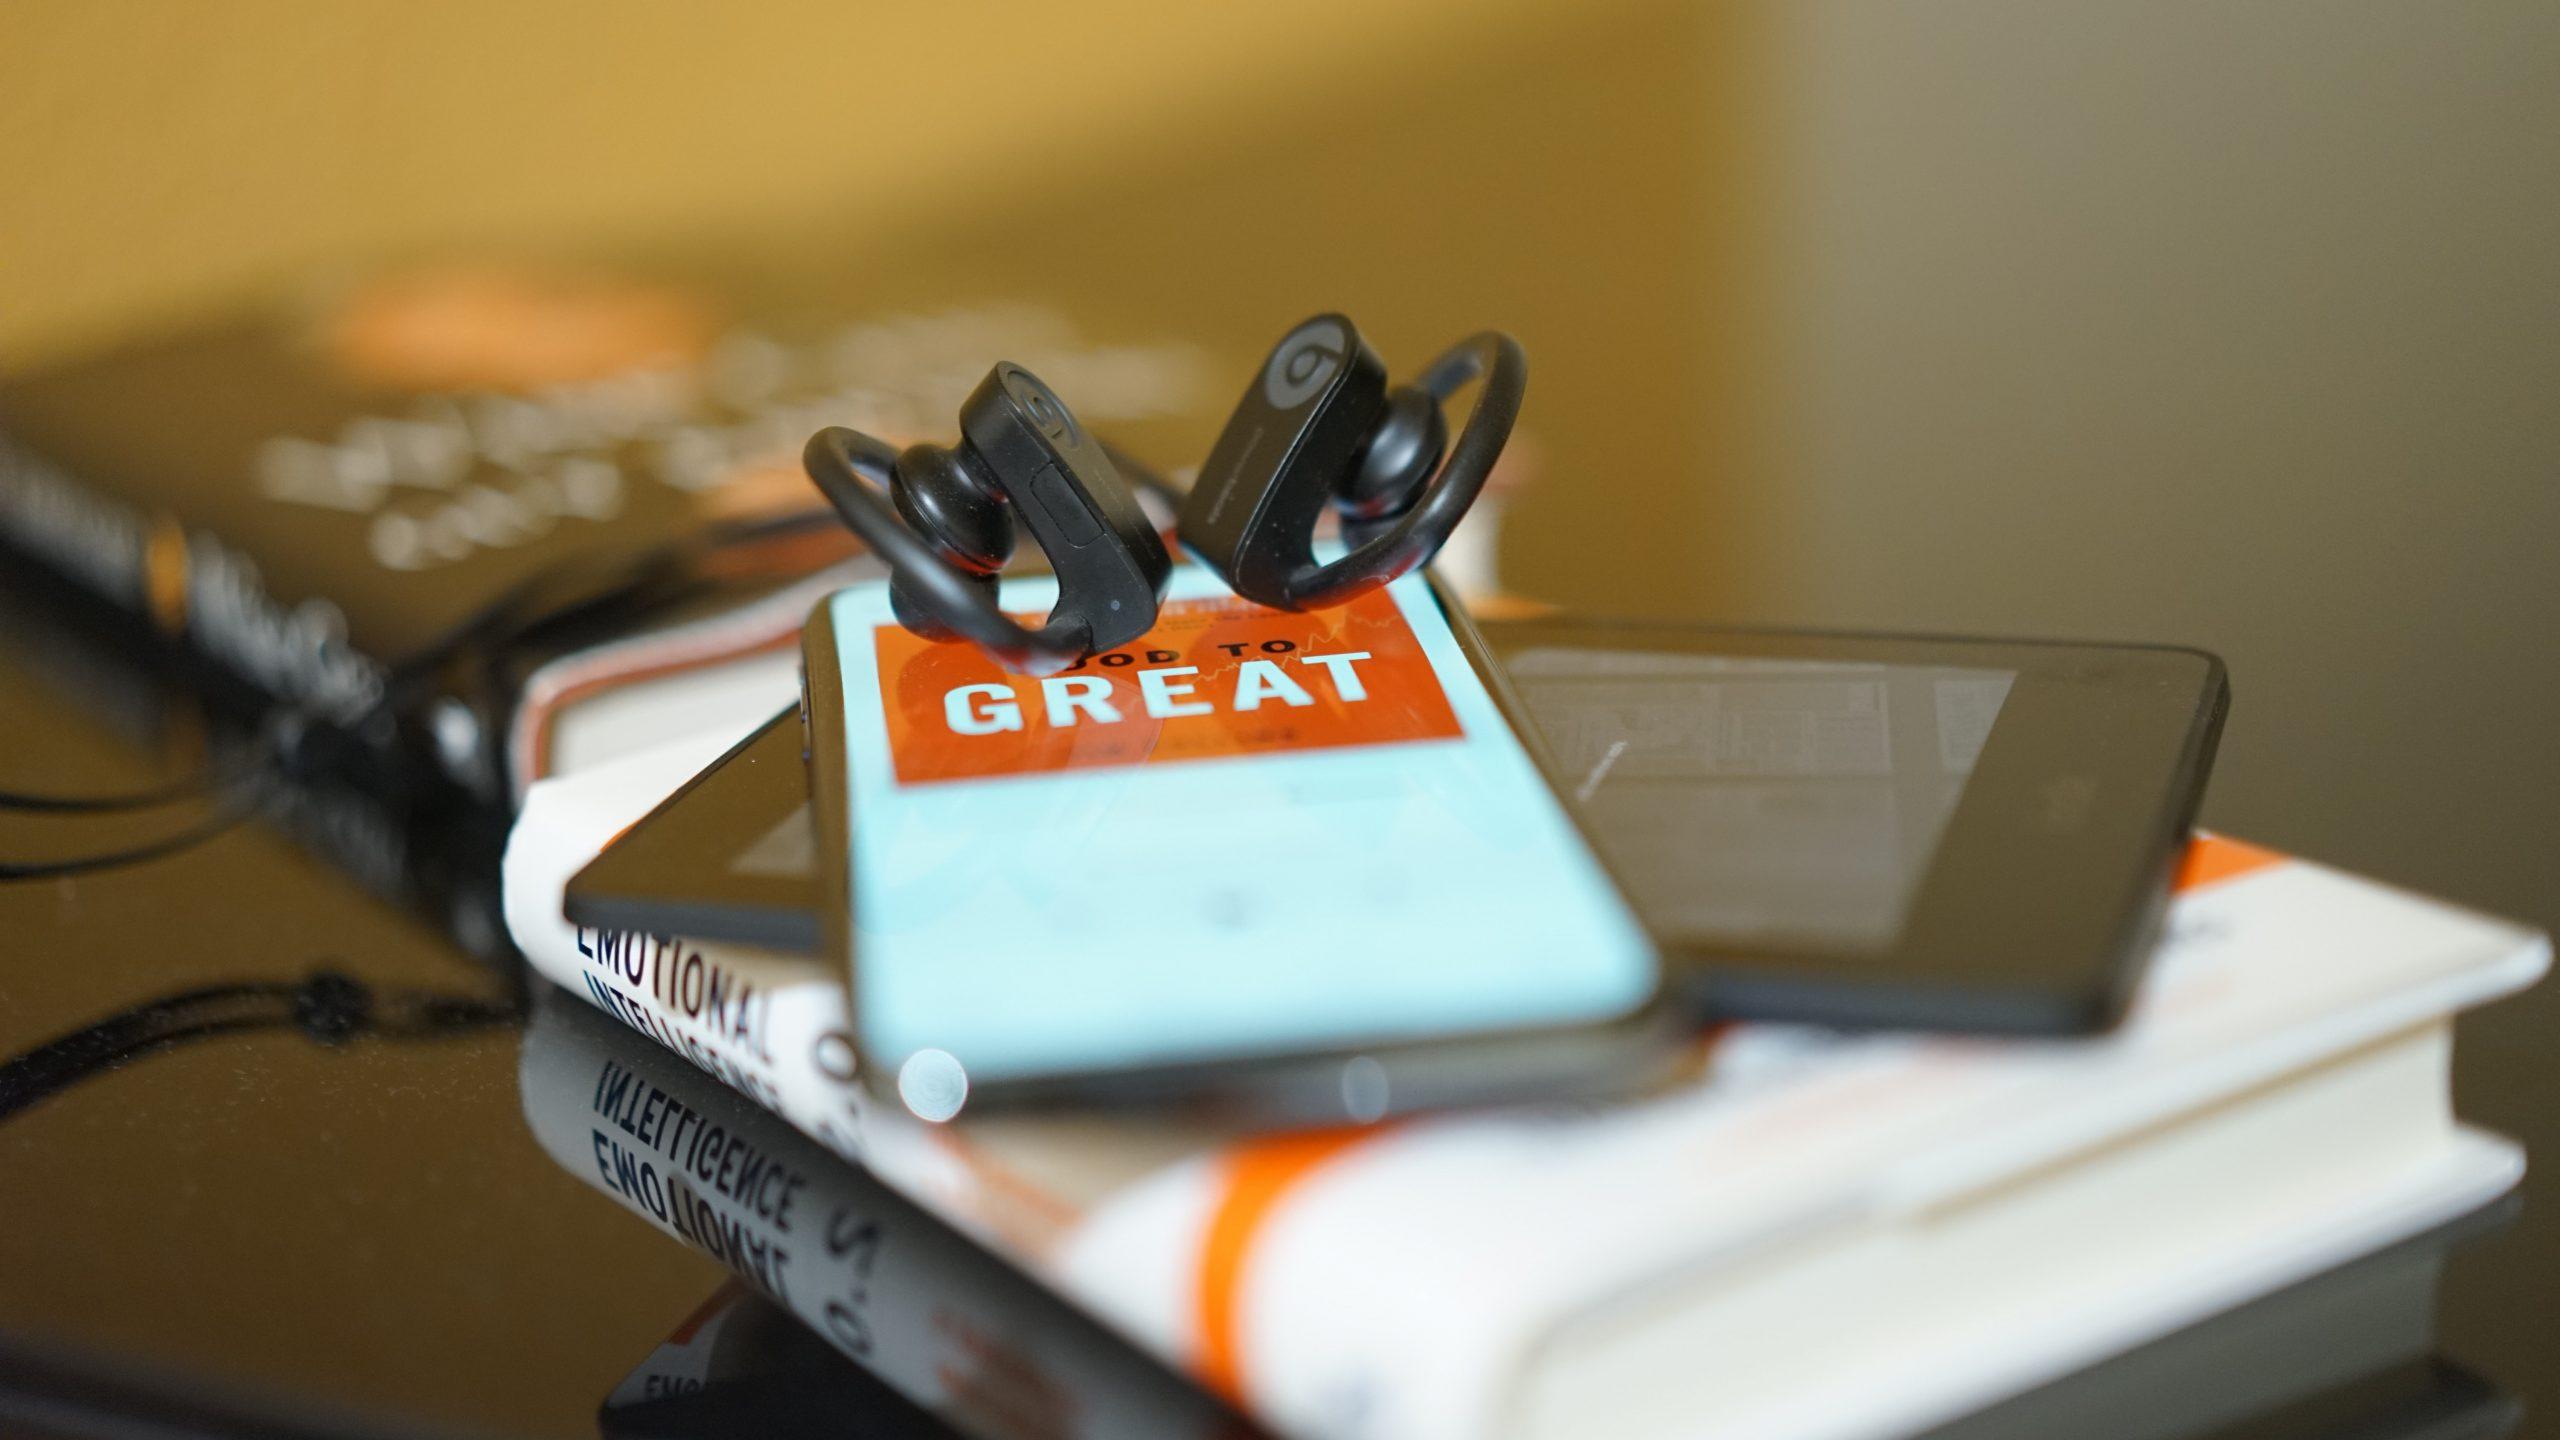 Como ler nos diferentes formatos pode fazer a gente ler mais